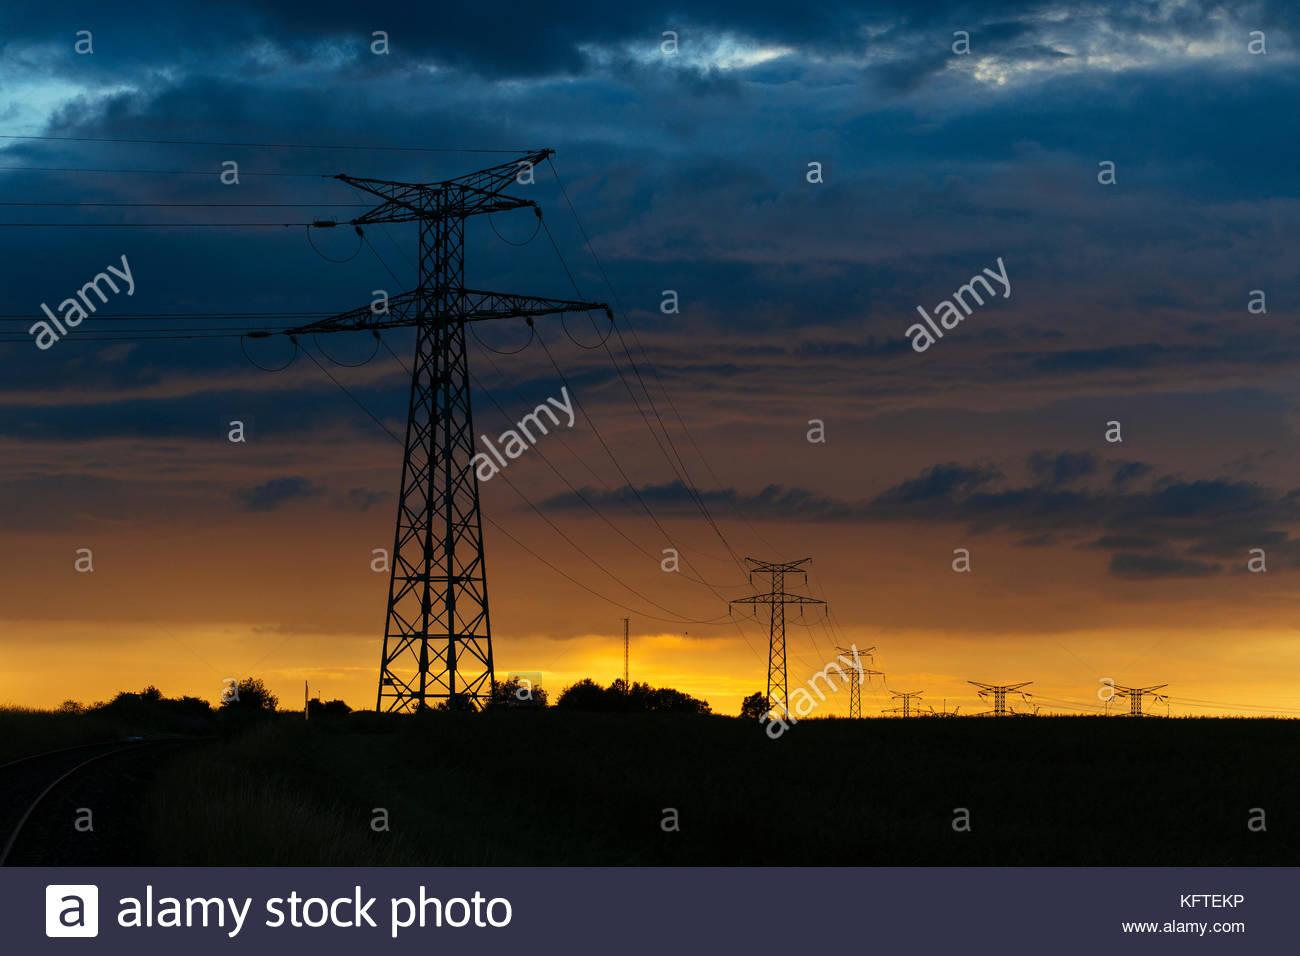 Sunset Telephone Poles Stock Photos & Sunset Telephone ...